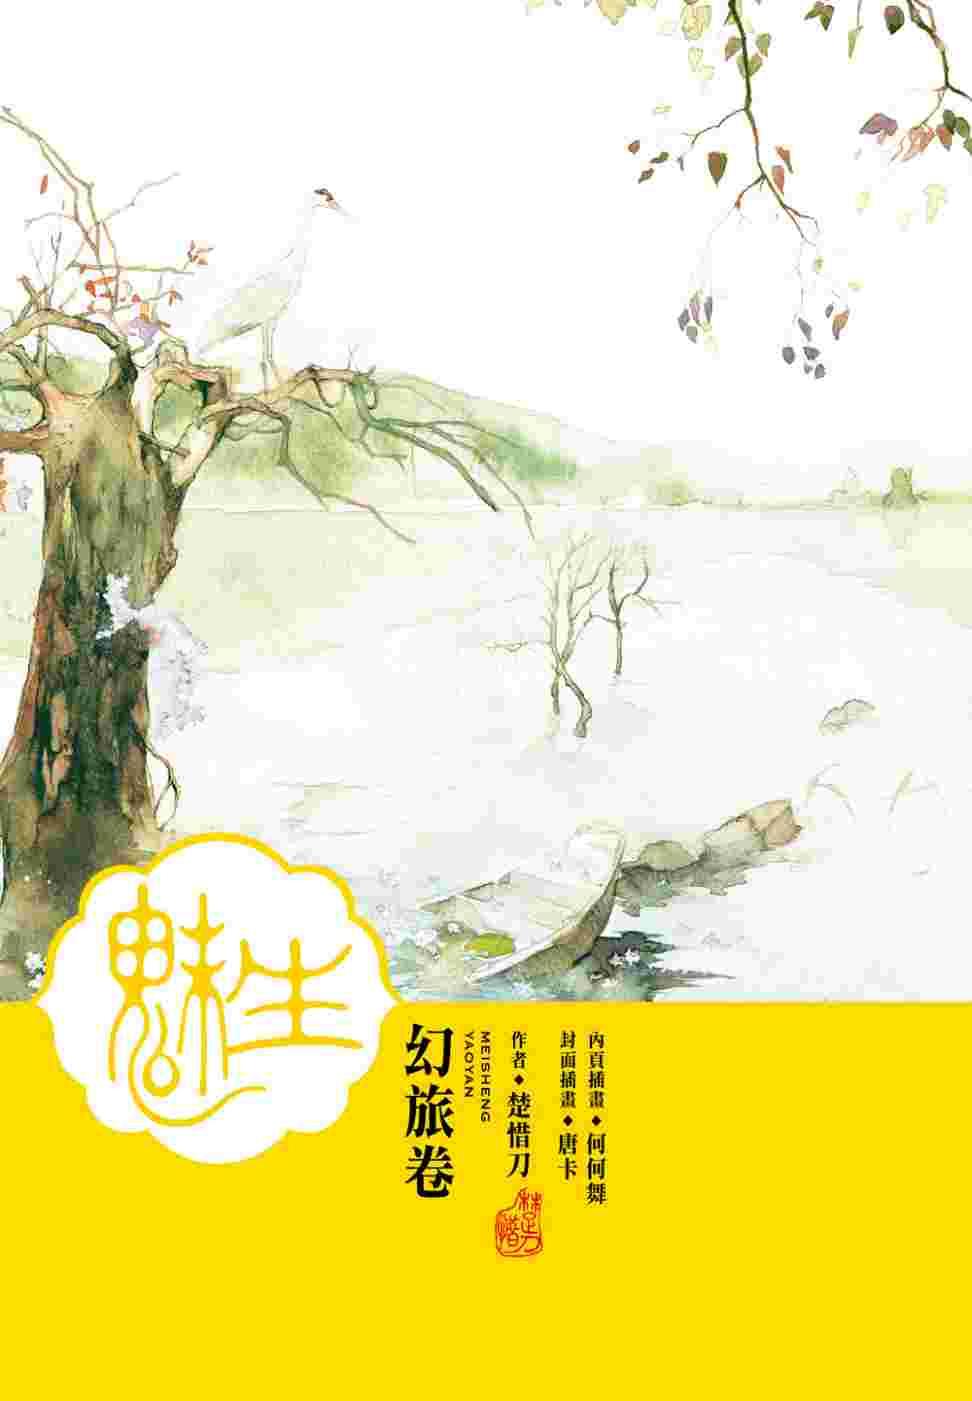 魅生(02):幻旅卷